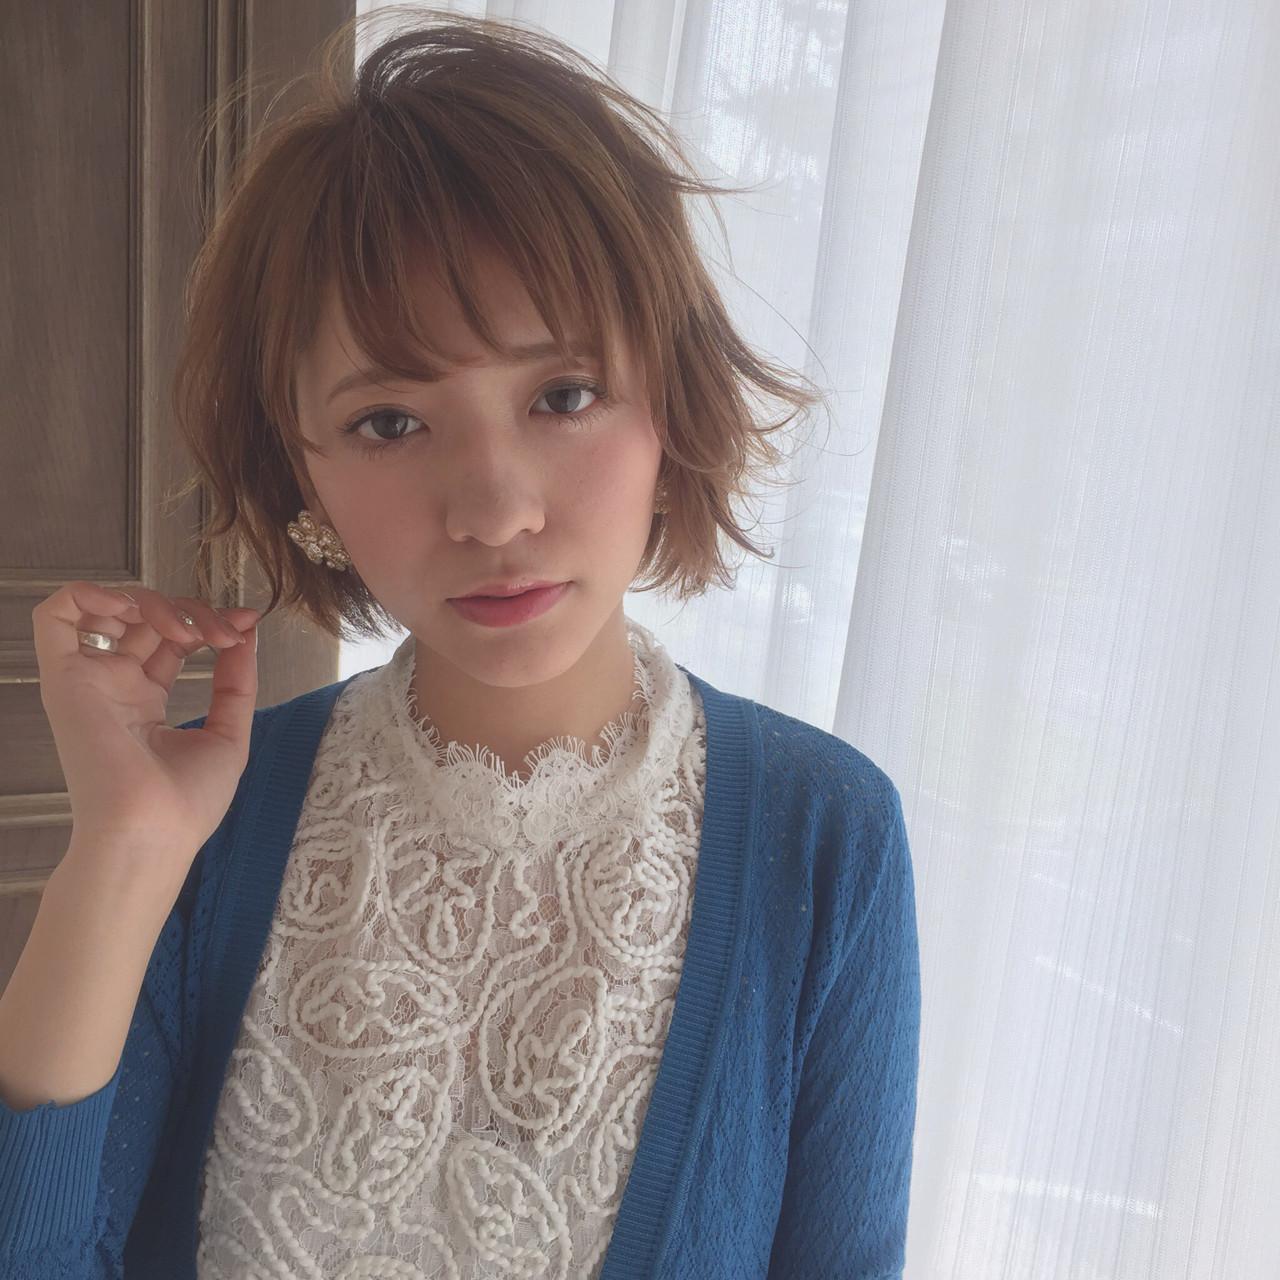 ラフ ショート ニュアンス 小顔 ヘアスタイルや髪型の写真・画像 | 土佐風花 / Le ciel 梅田店